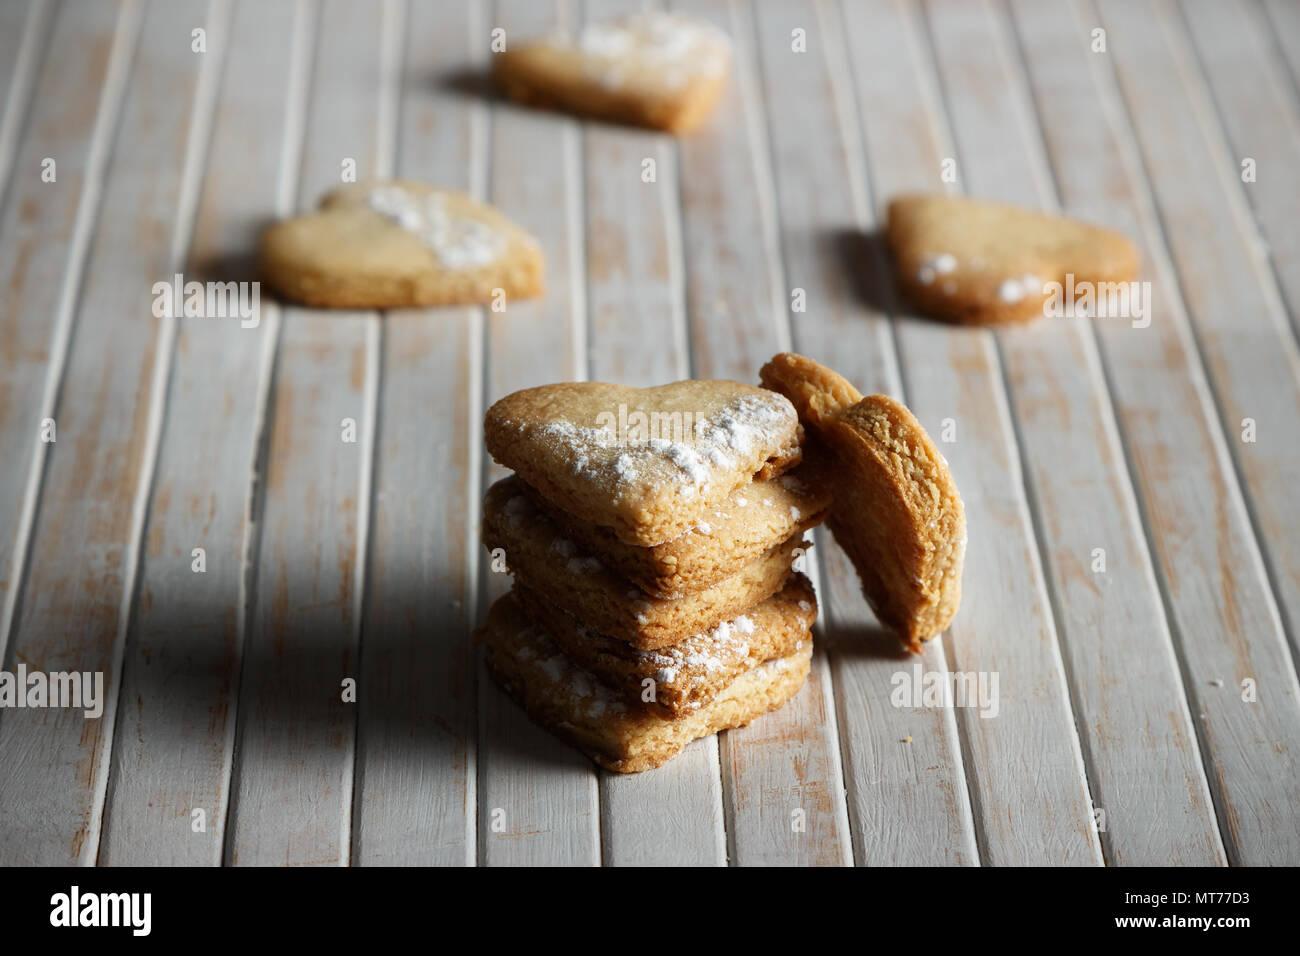 Caseras deliciosas galletas en forma de corazón espolvoreada con azúcar impalpable en una placa de madera. Imagen horizontal. Moody estilo oscuro. Imagen De Stock